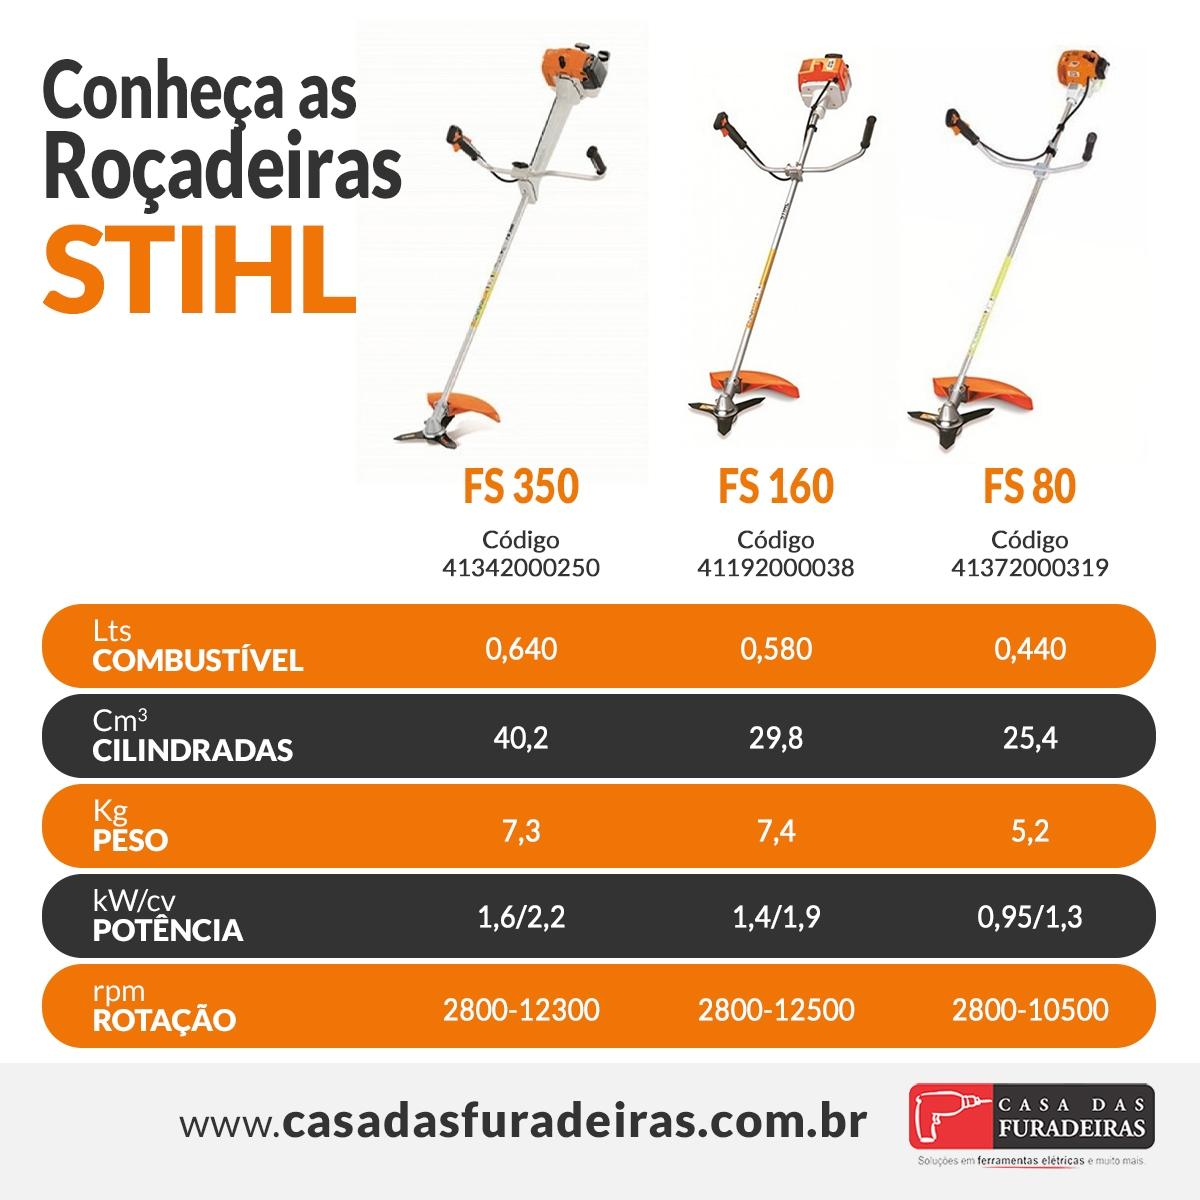 Comparação Roçadeira Stihl curitiba